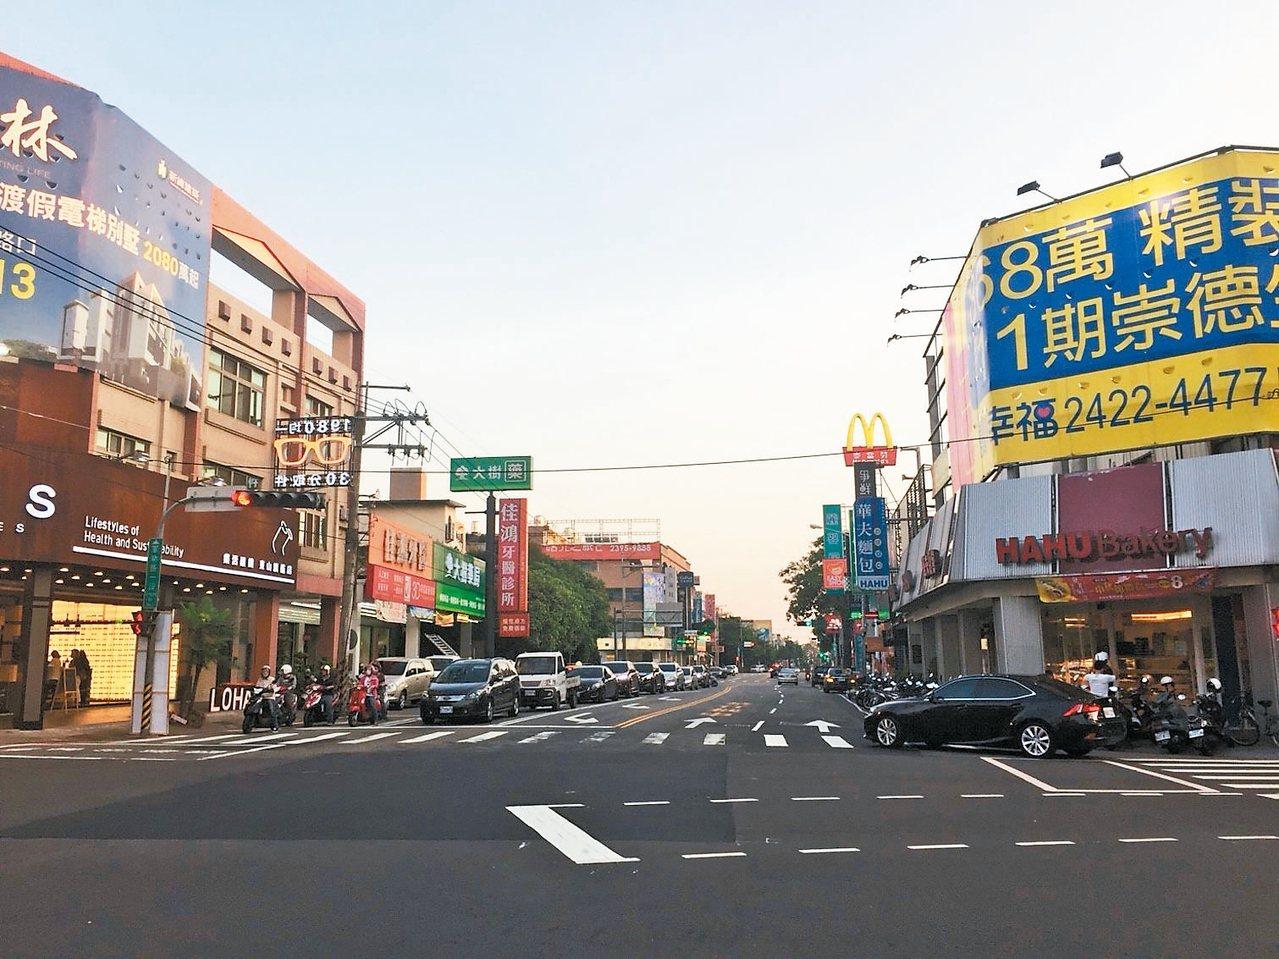 台中人口數前五大行政區,僅北屯區房價上揚,圖為北屯區街景。 有巢氏房屋/提供